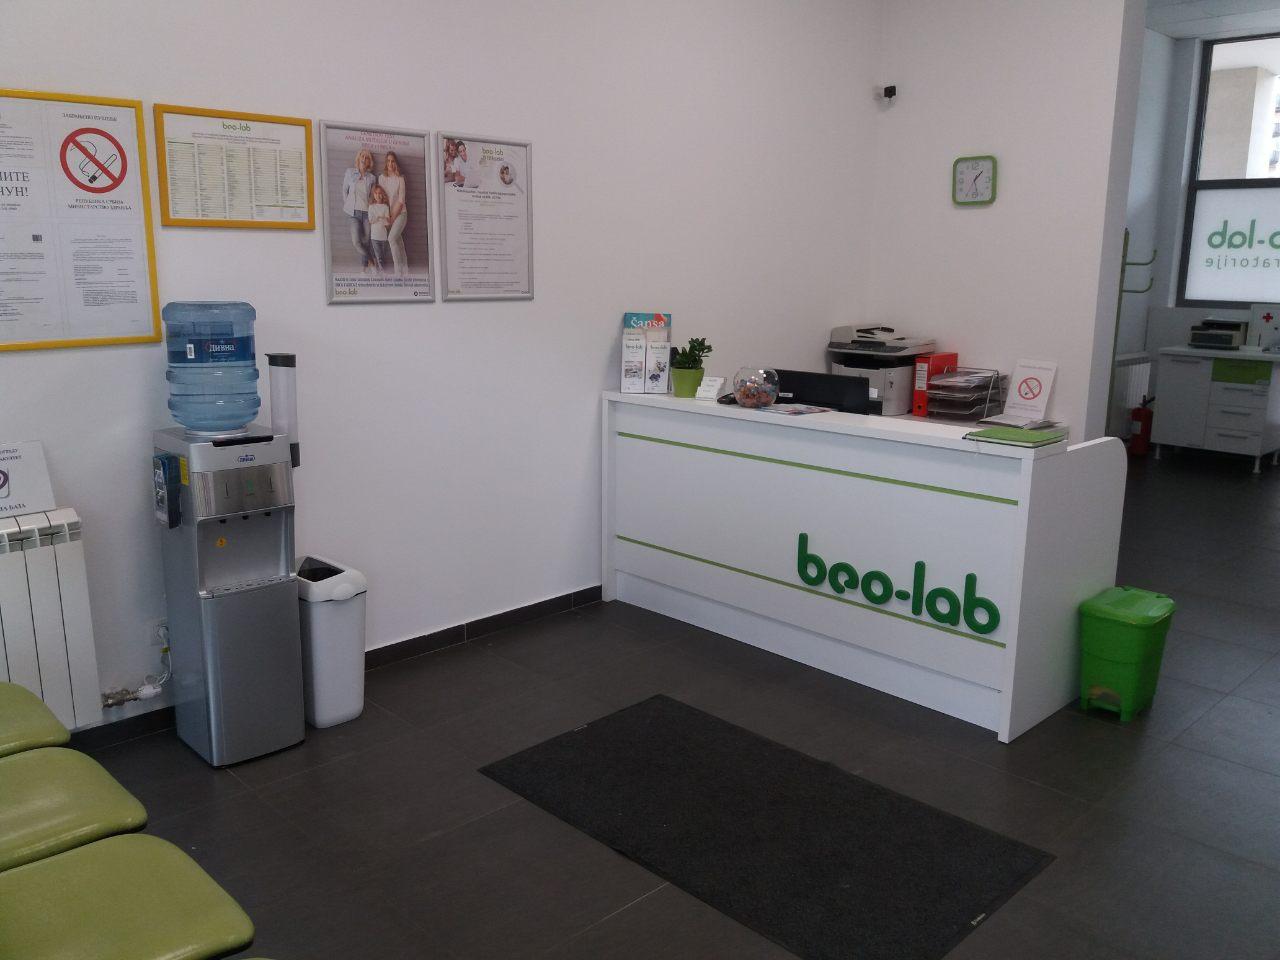 Beo-lab laboratorija Retenzija, Bul. Mihajla Pupina 16V, Novi Beograd 2